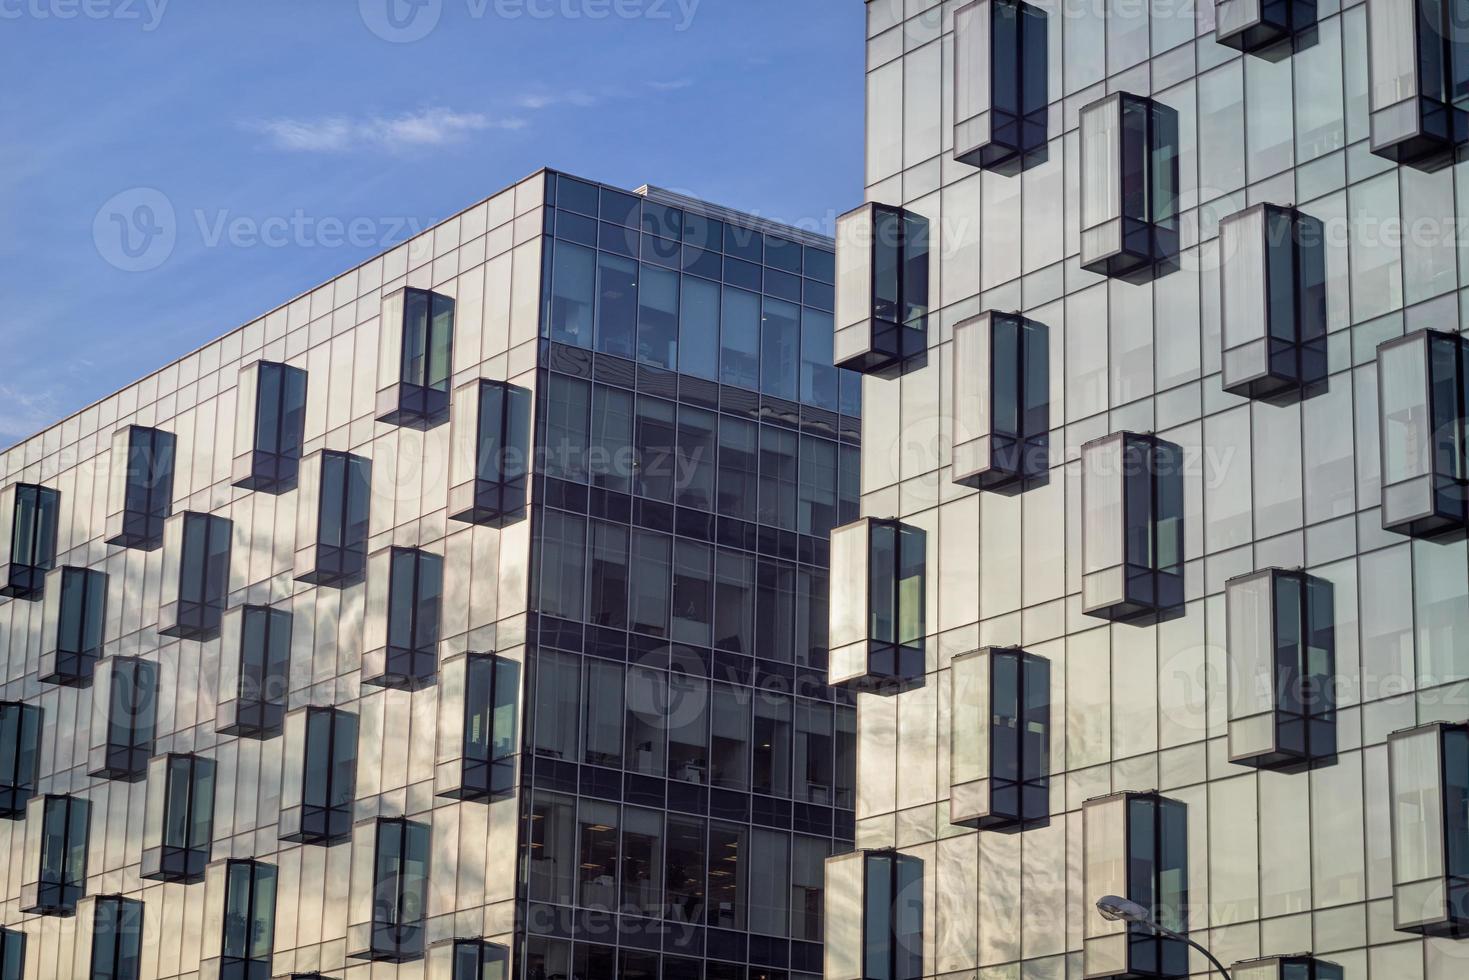 immeubles de bureaux façades vitrées photo